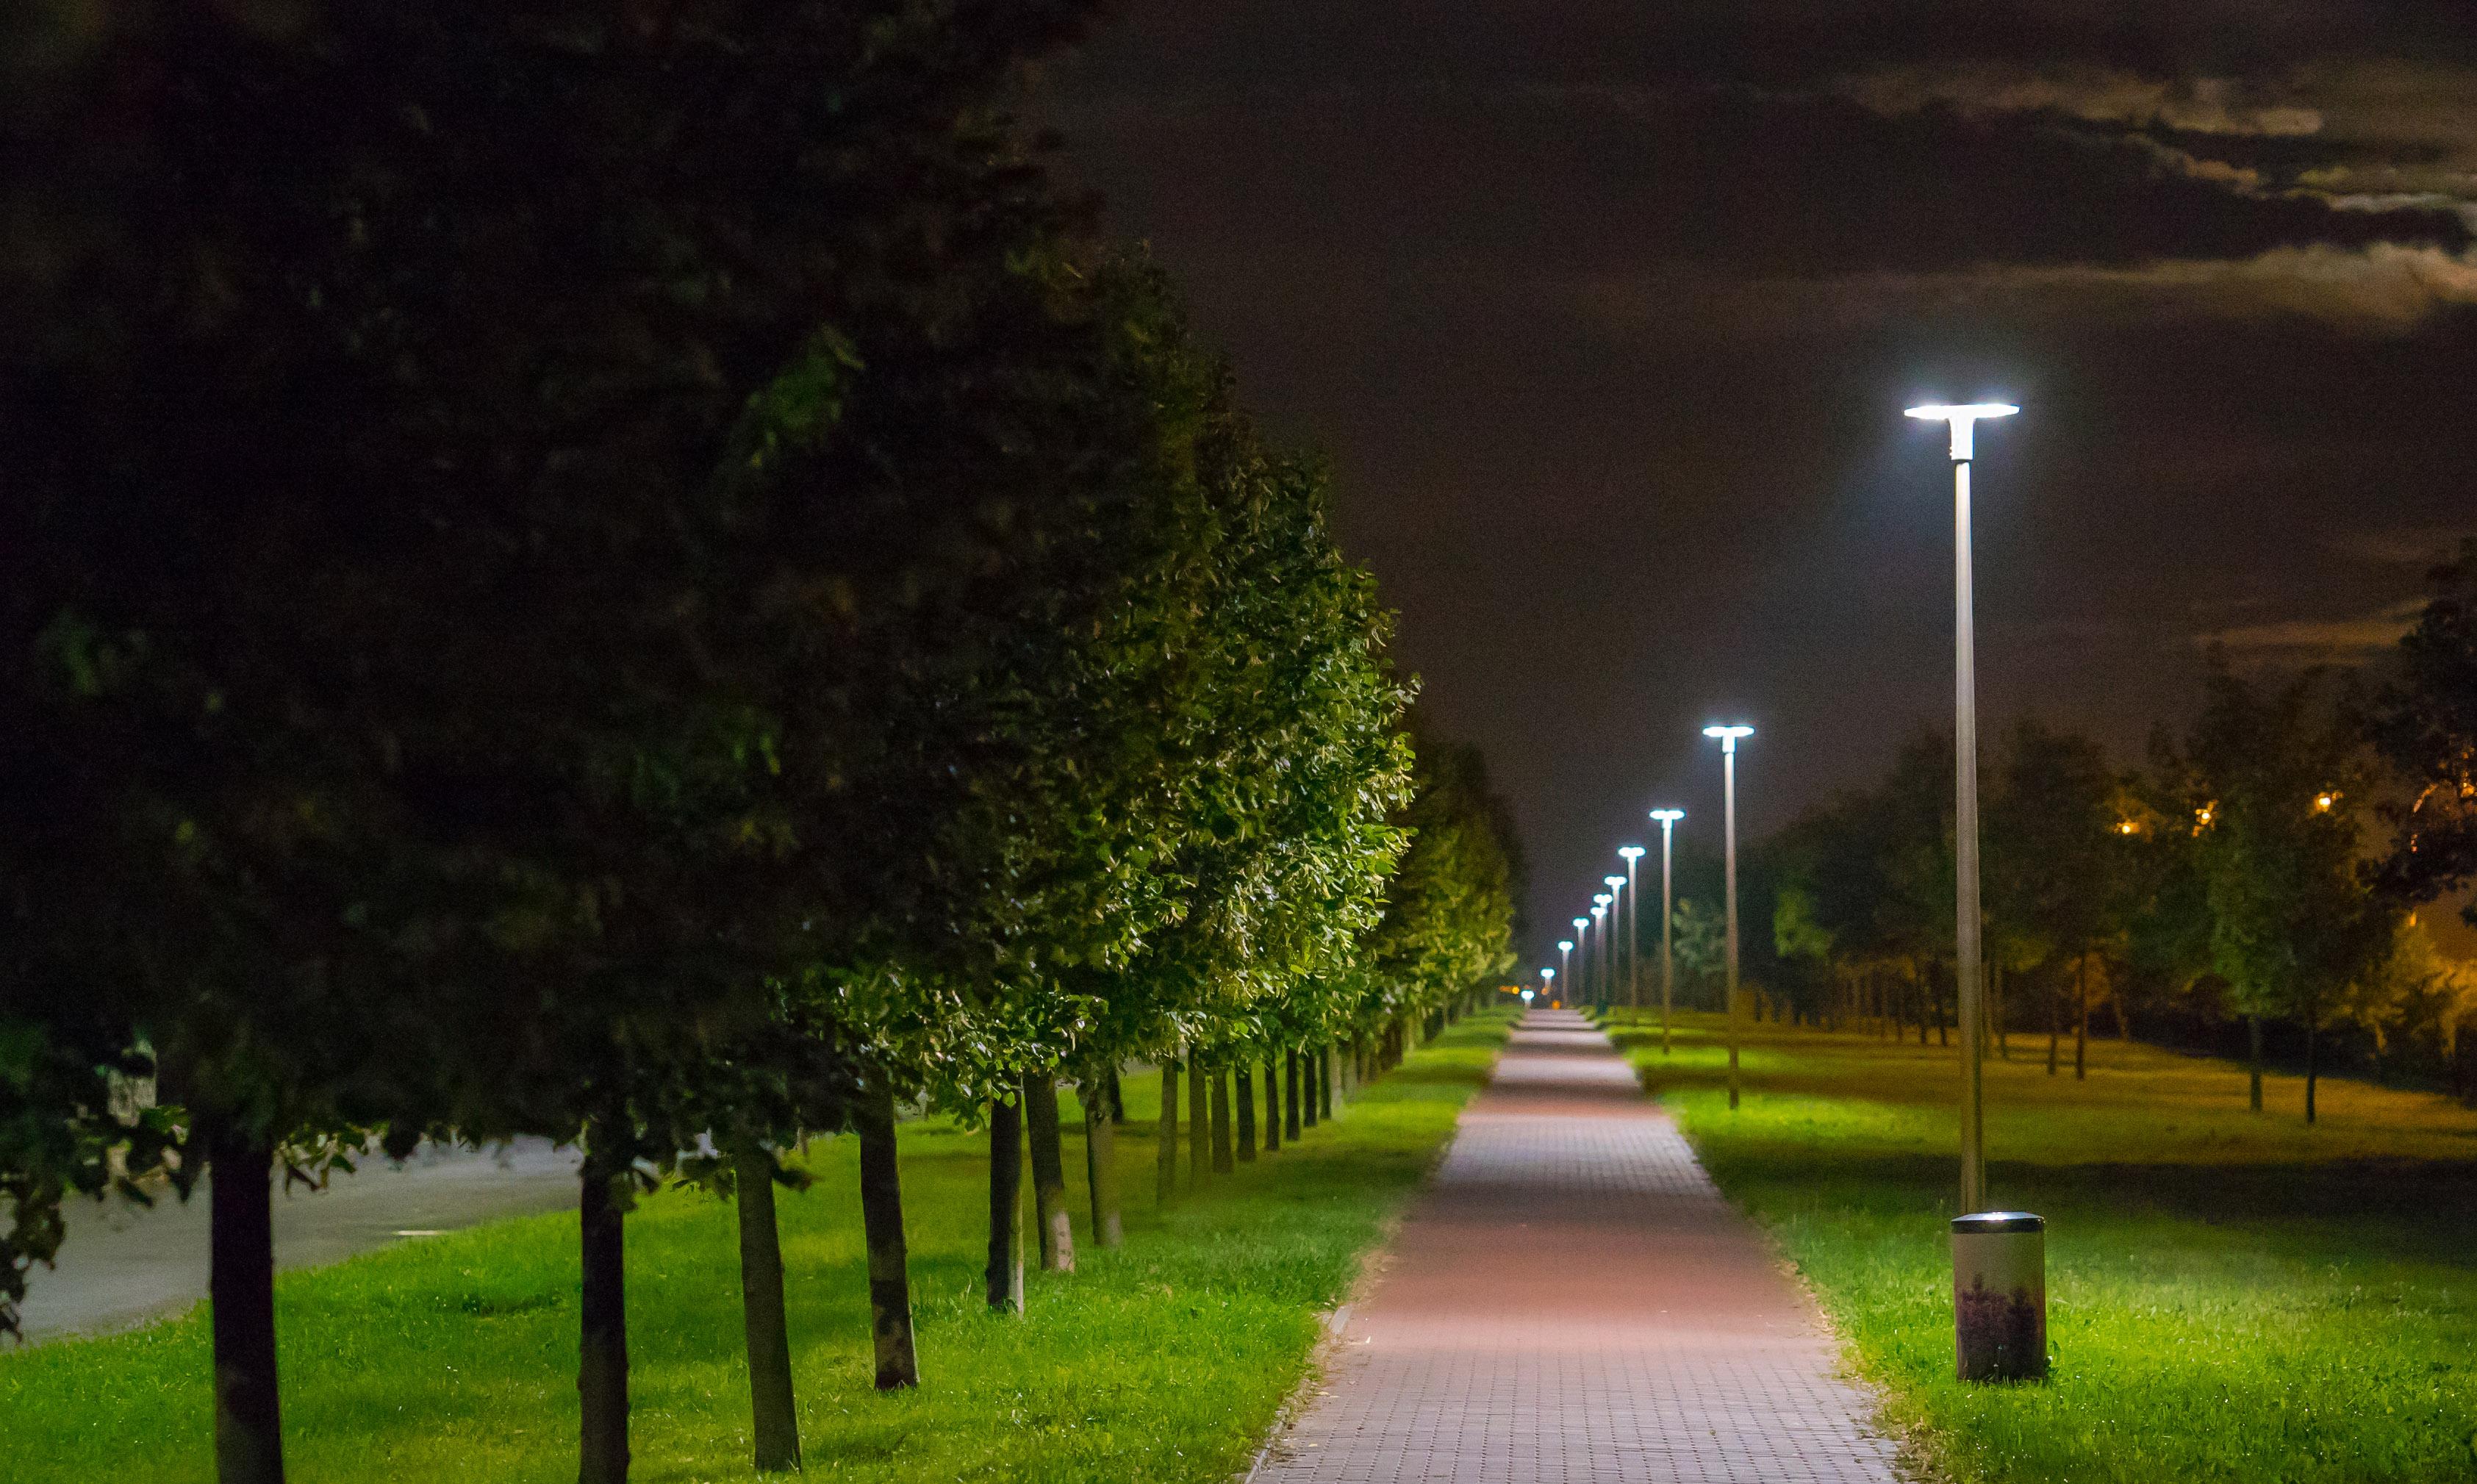 Rozstrzygnięte Przetargi Na Oświetlenie Led Ii Kw 2019